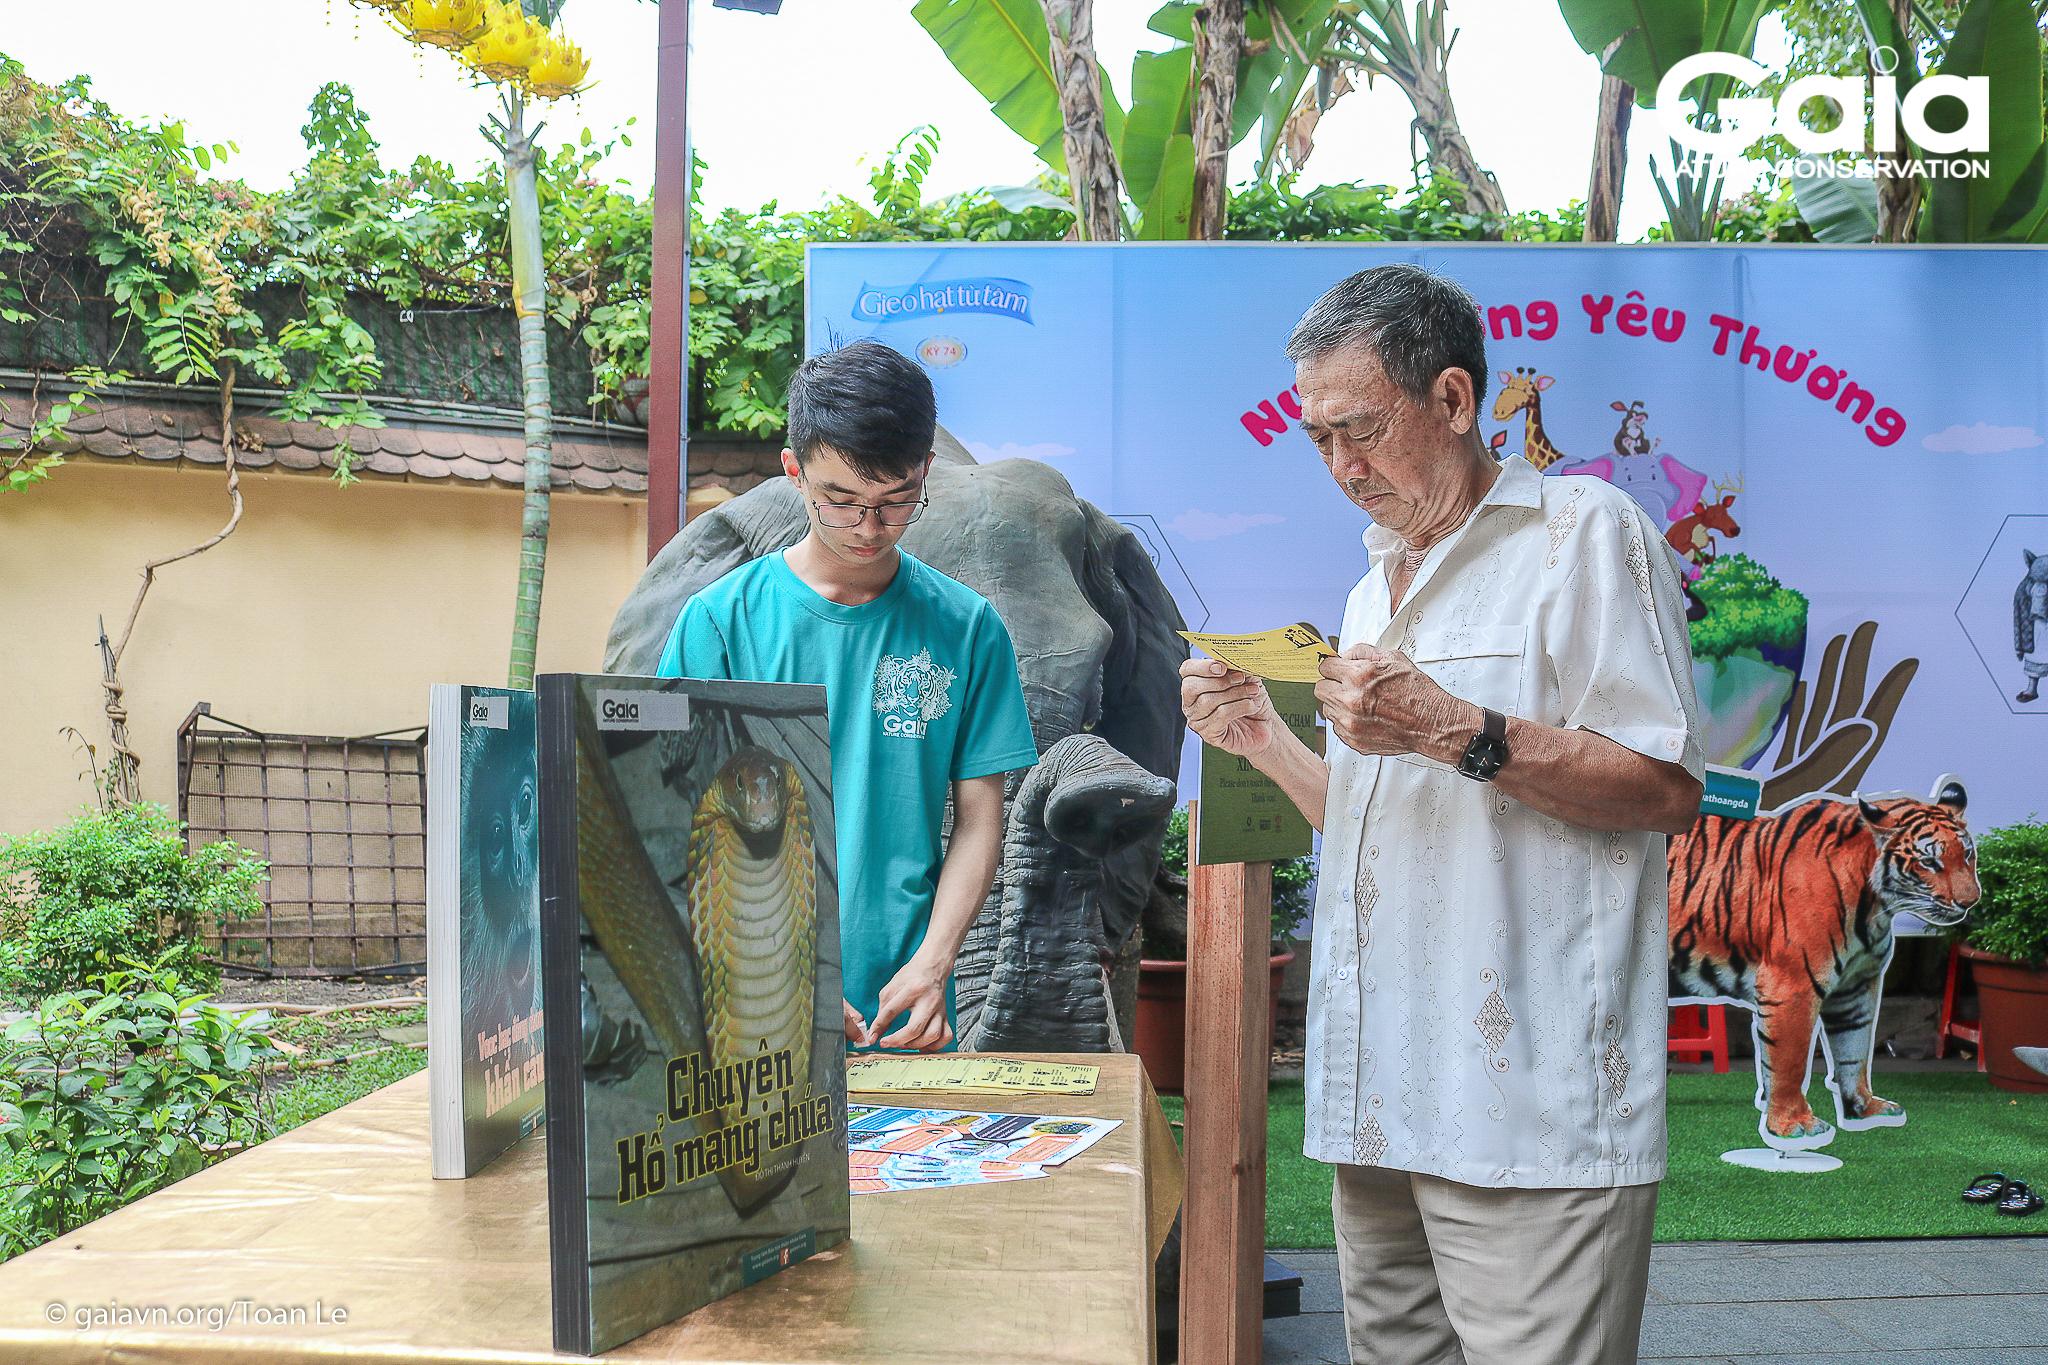 Phật tử tìm hiểu các hoạt động của Gaia